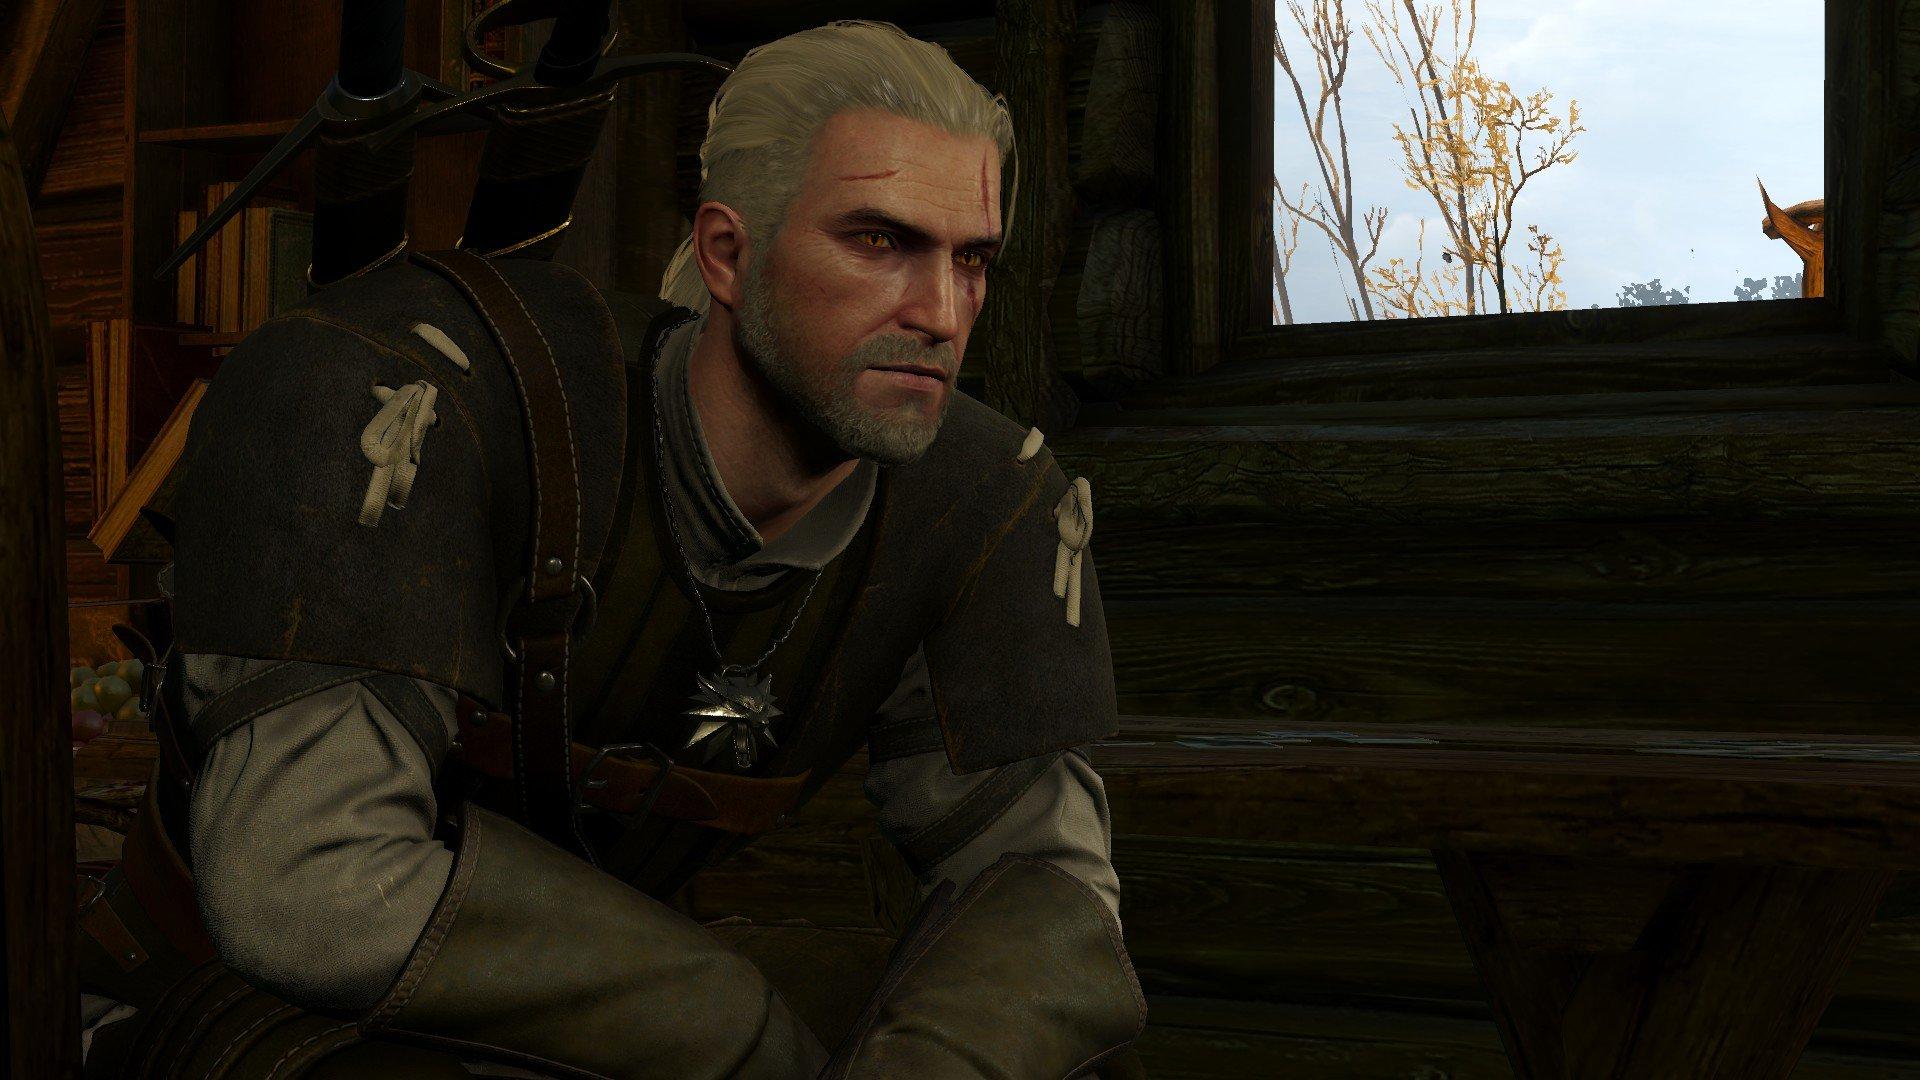 The Witcher 3: Wild Hunt. Патч 1.04 [PC].   • Теперь можно переназначать все клавиши   • Исправление системы диалого ... - Изображение 1